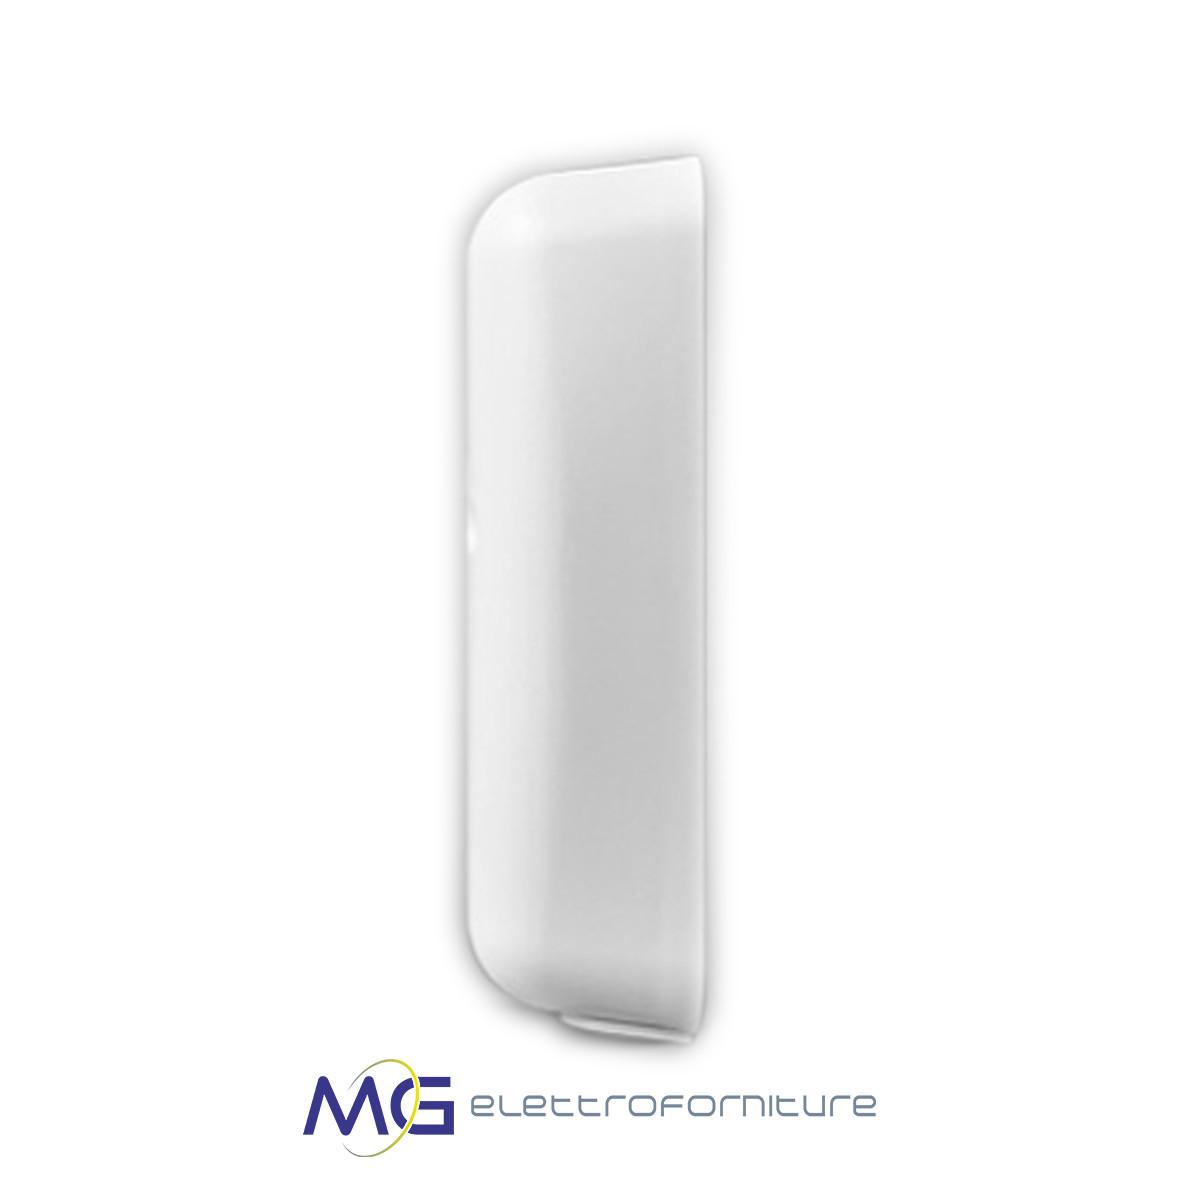 essegibi_antimove_sensore_di_movimento_bianco_marrone_mg_elettroforniture_prezzo_basso_migliore_3